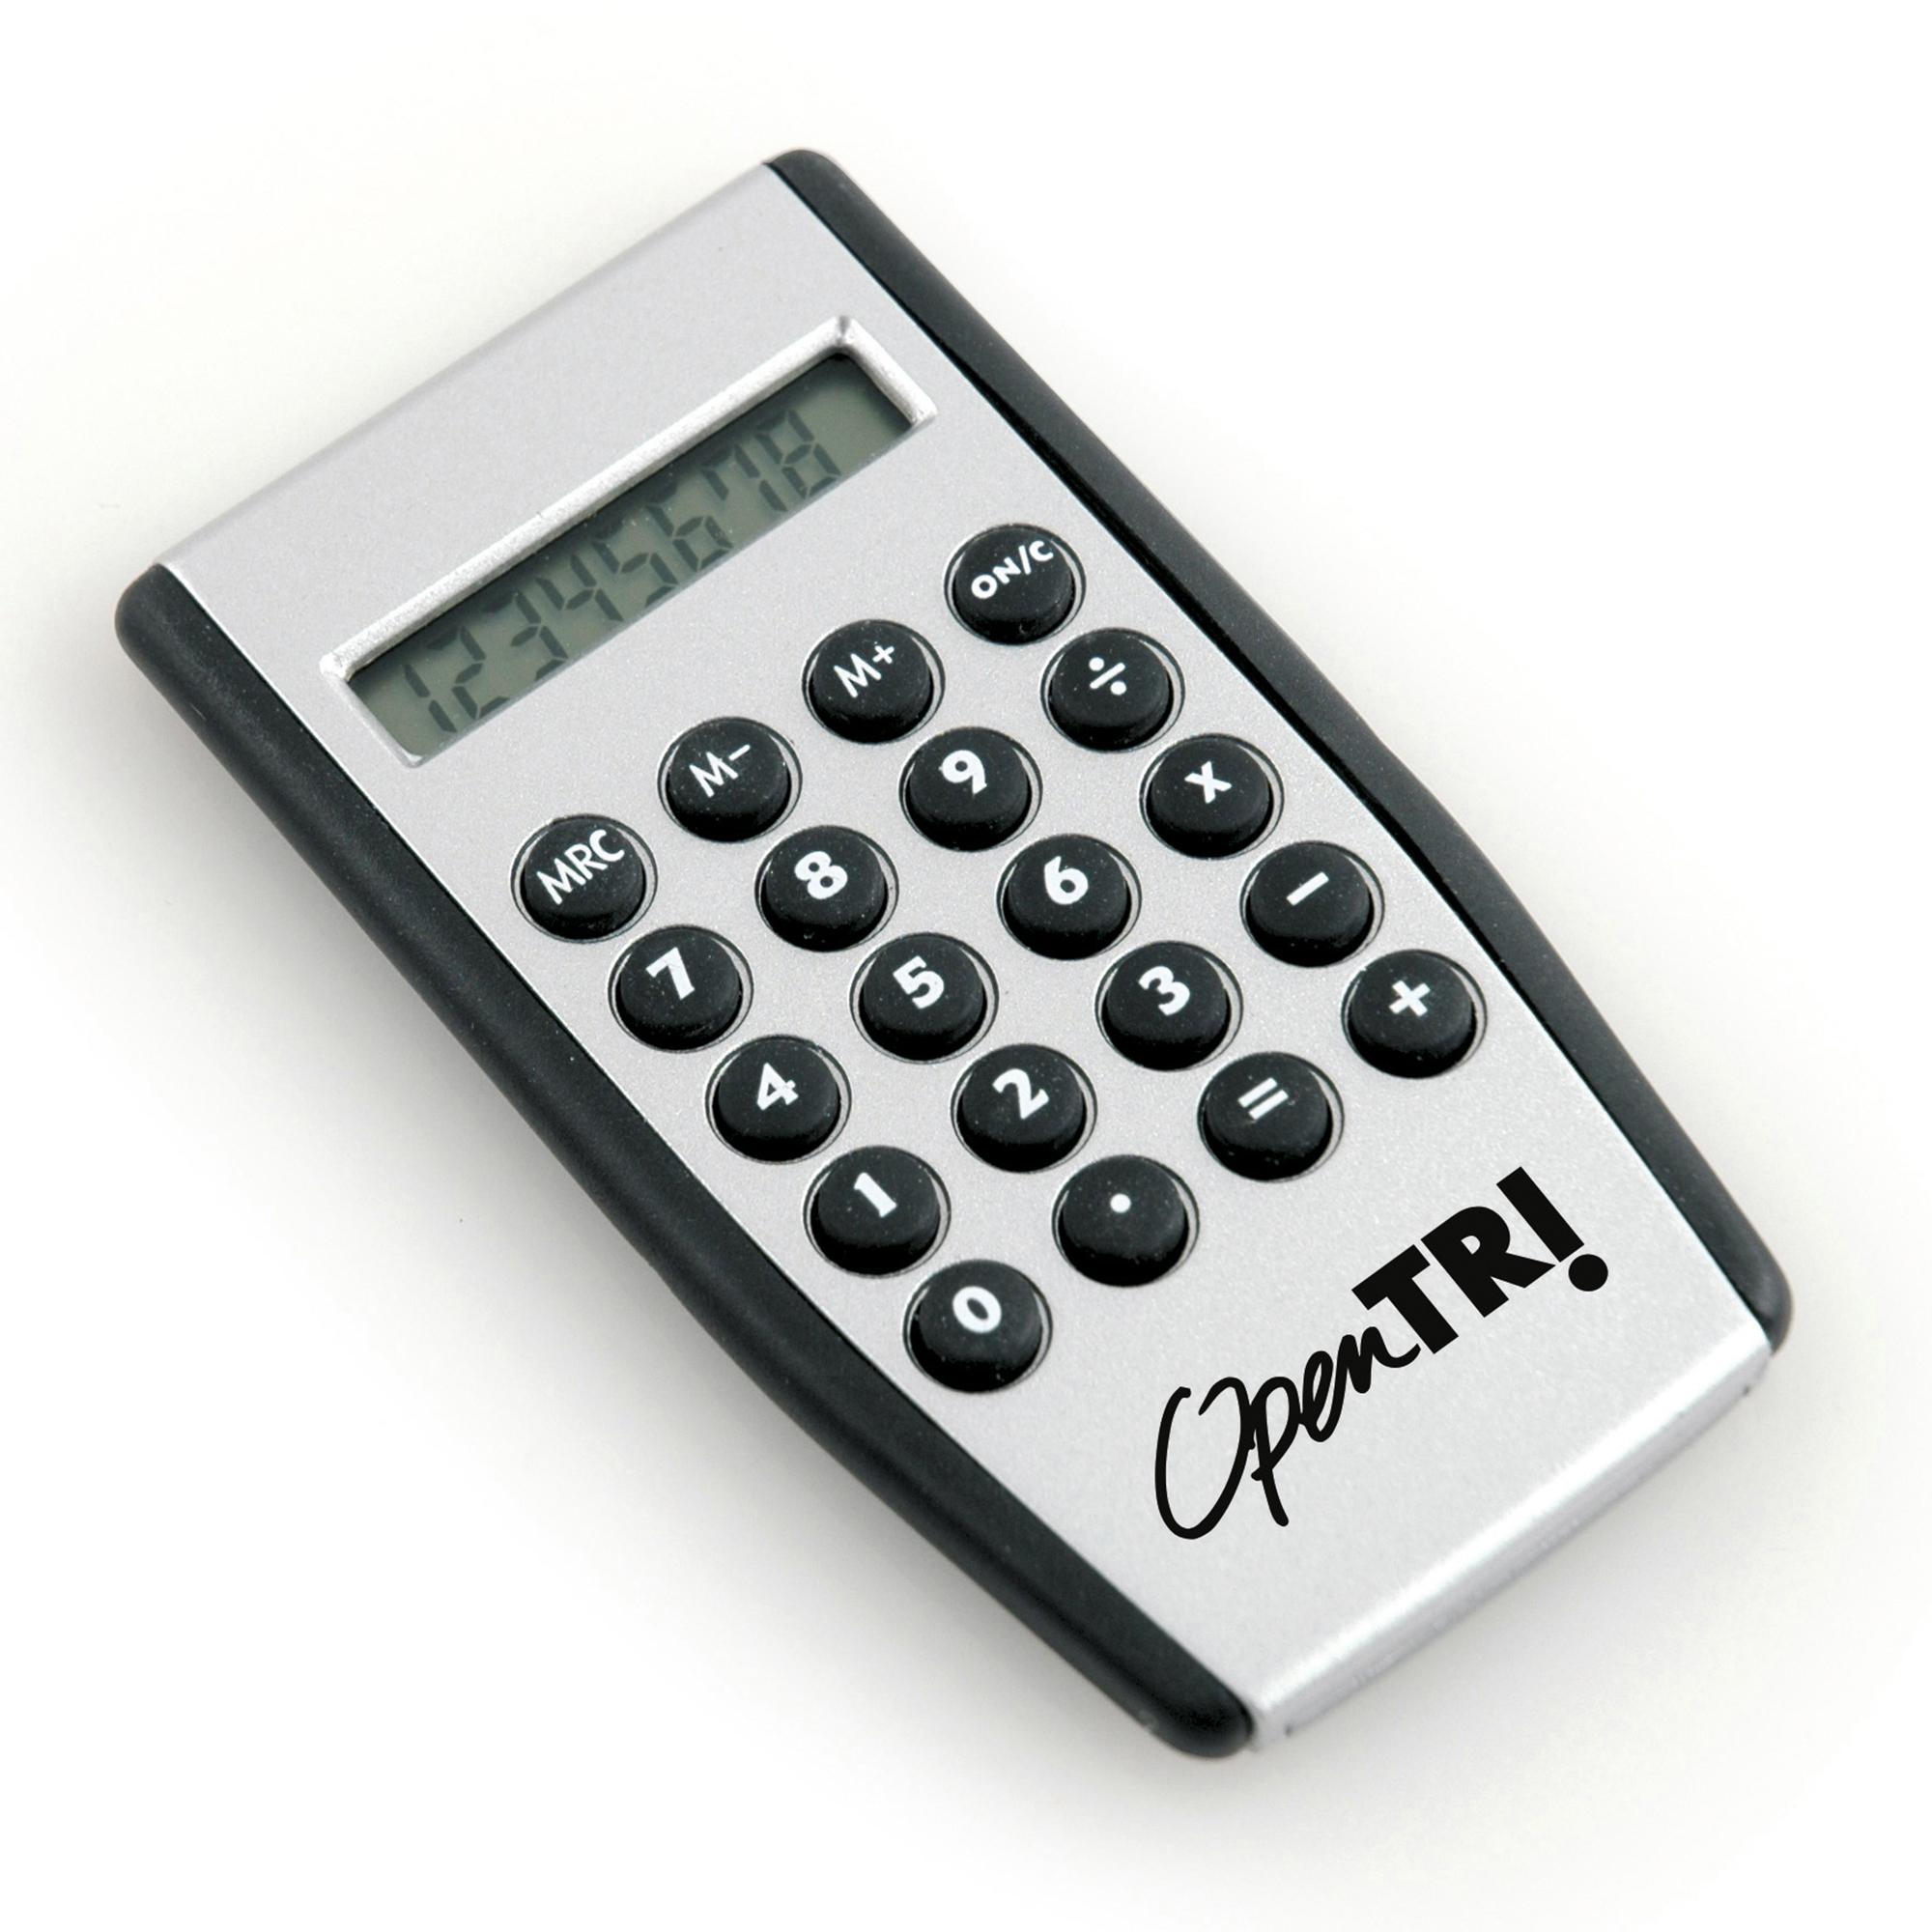 Promotional Pythagoras Calculators